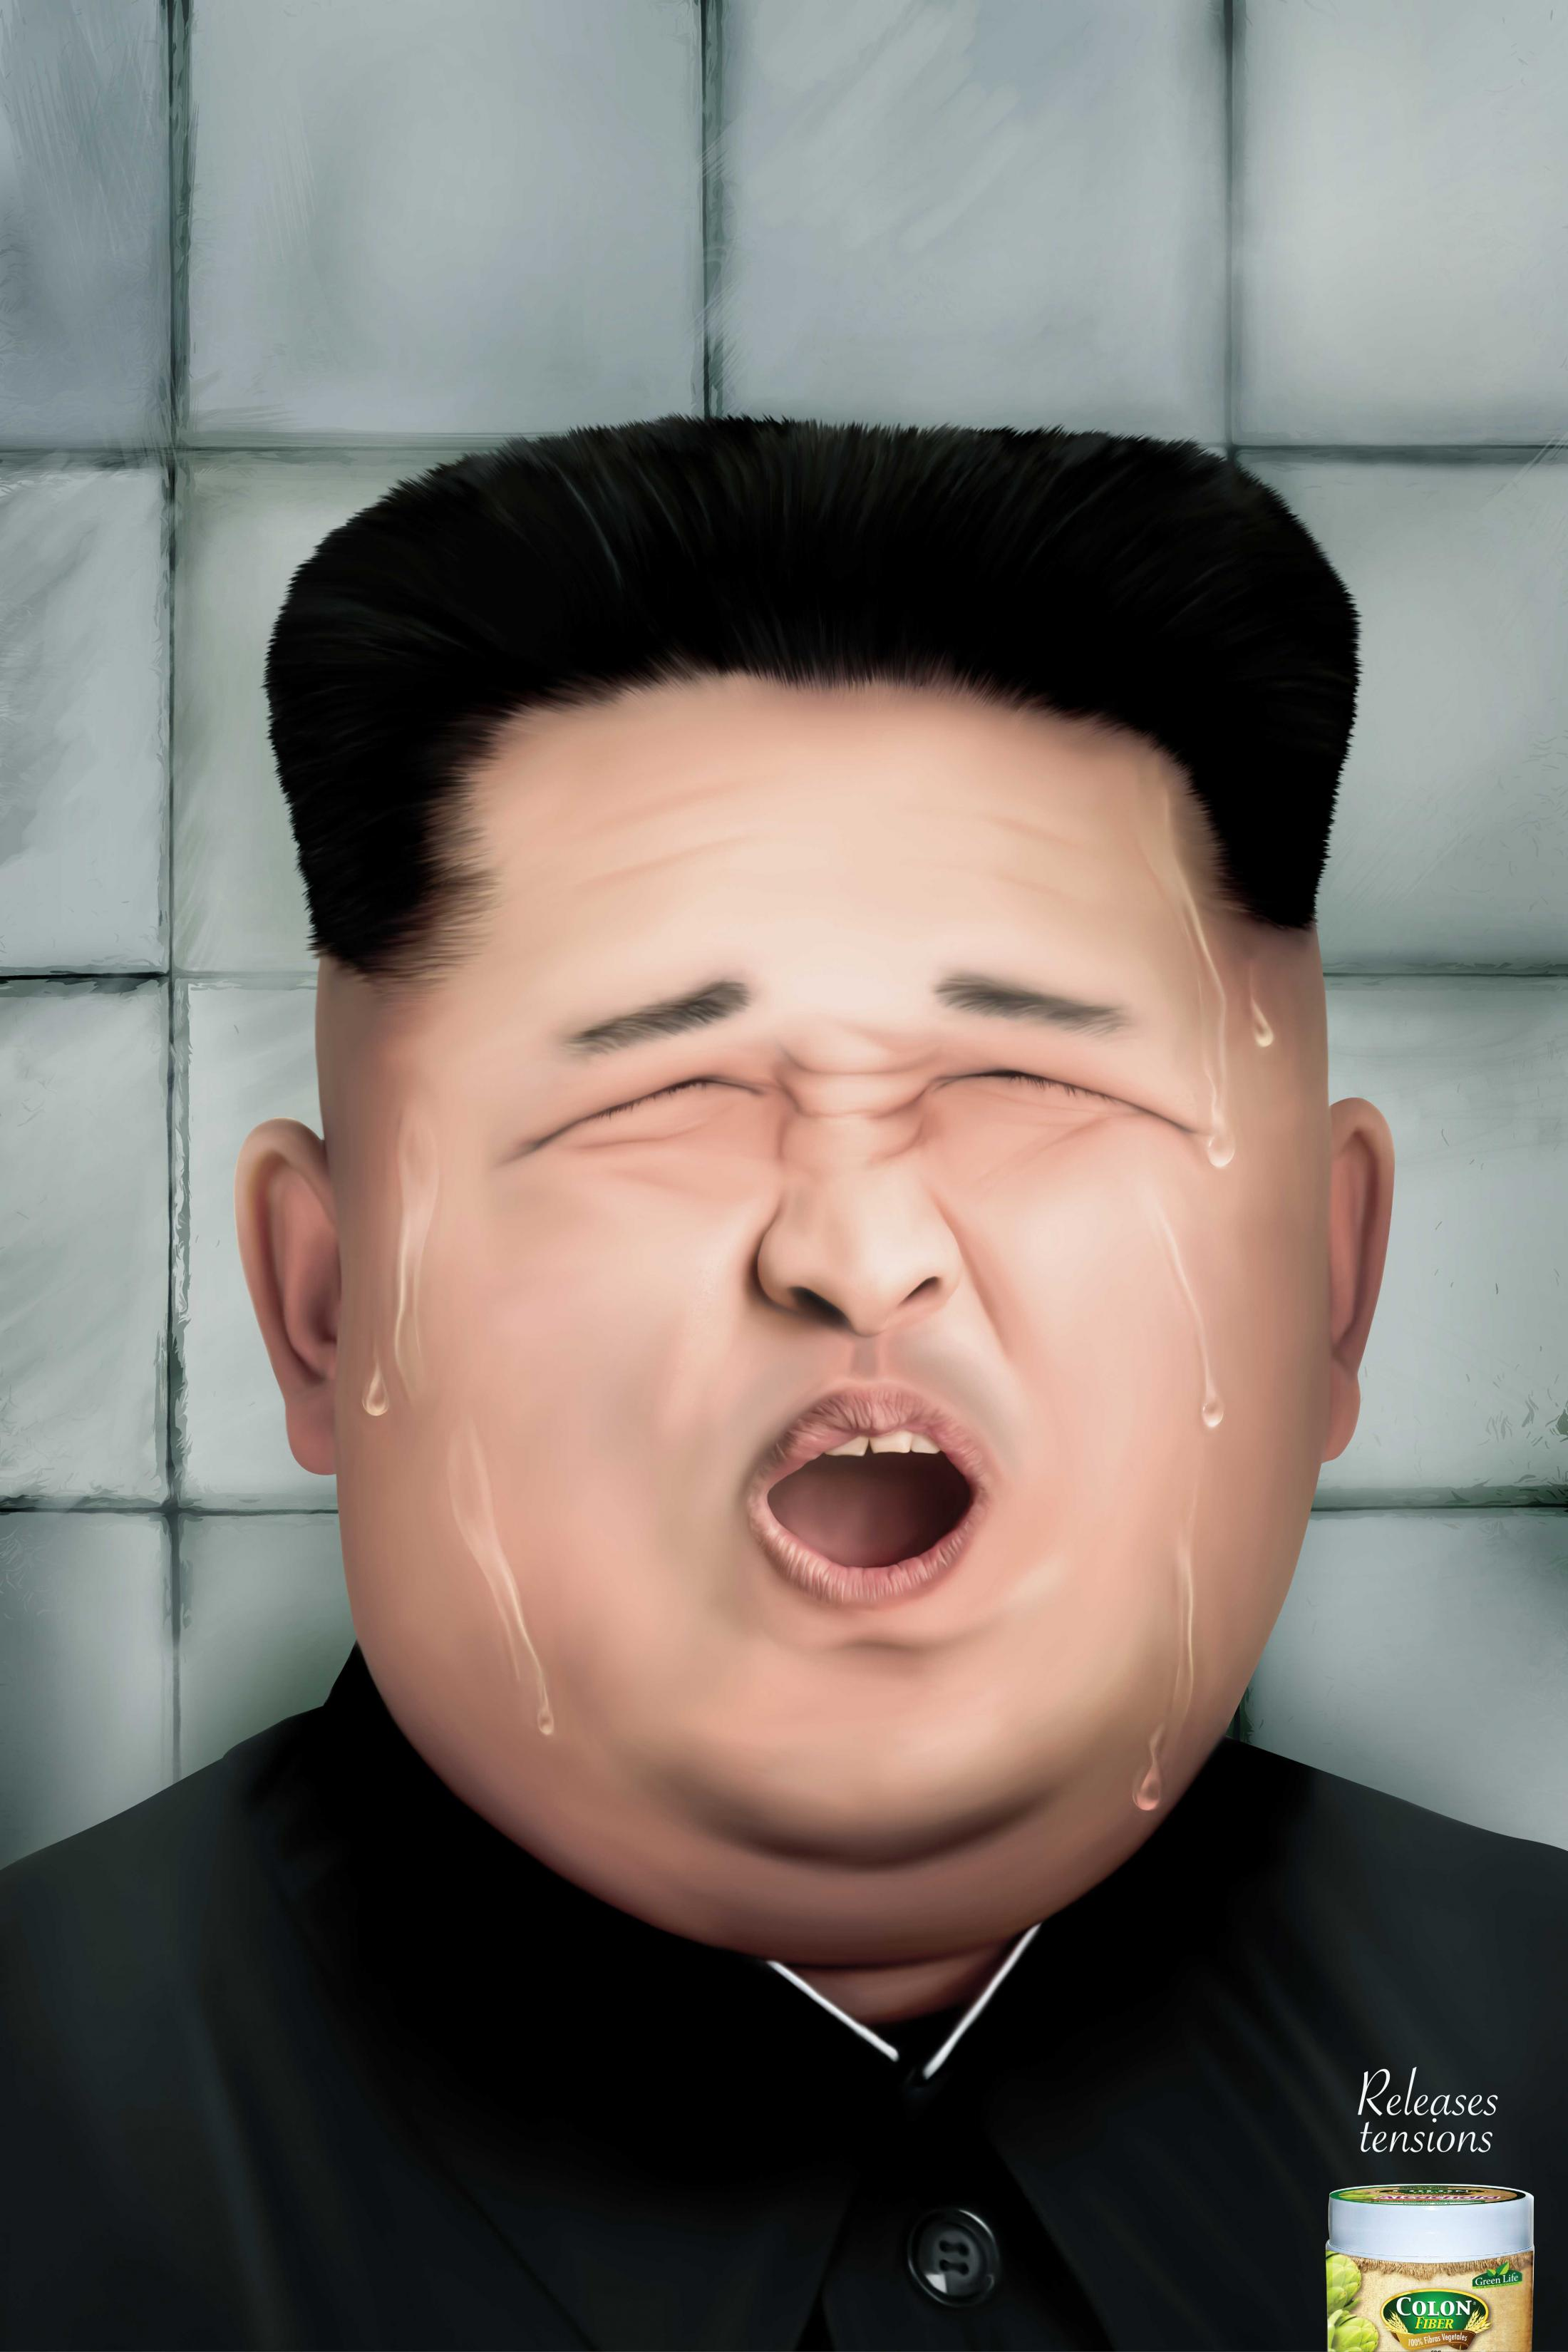 Fiber Colon Print Ad - Releases Tensions - Kim